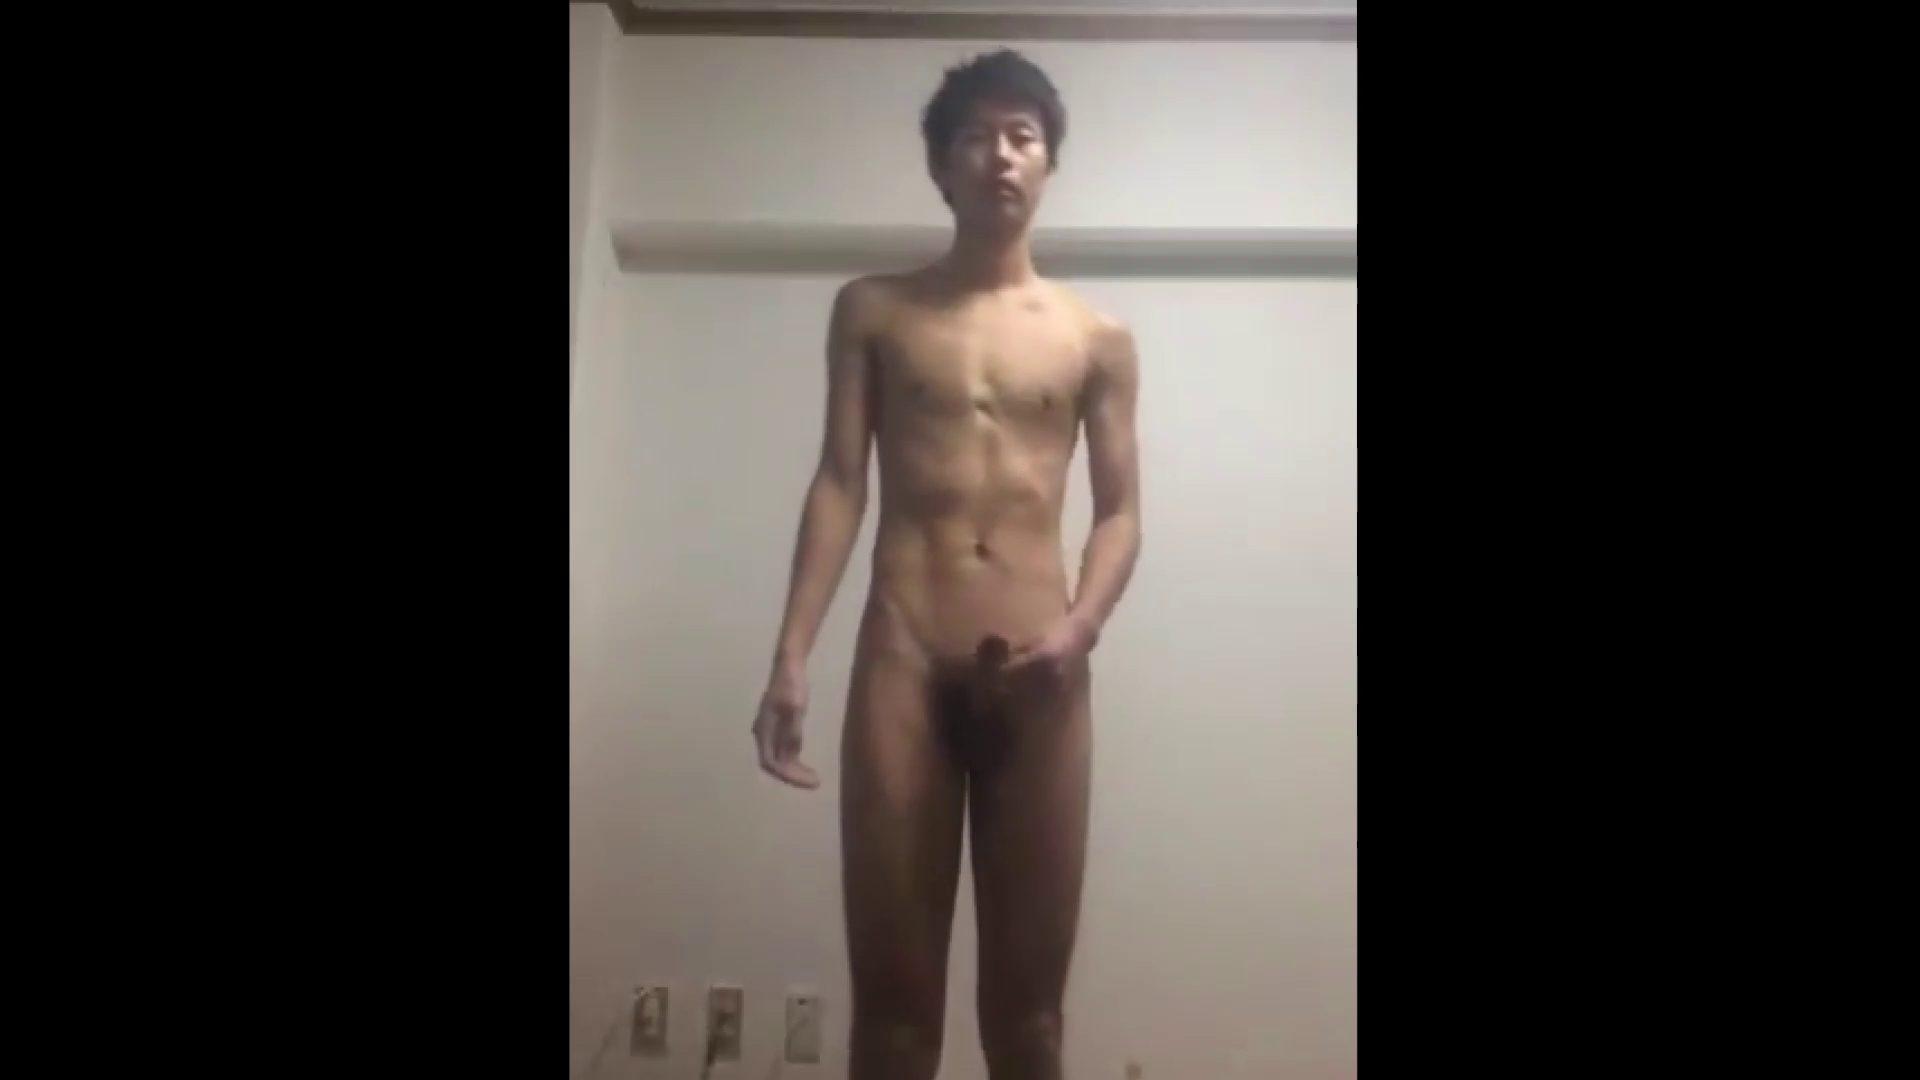 巨根 オナニー塾Vol.20 モ無し エロビデオ紹介 100枚 55